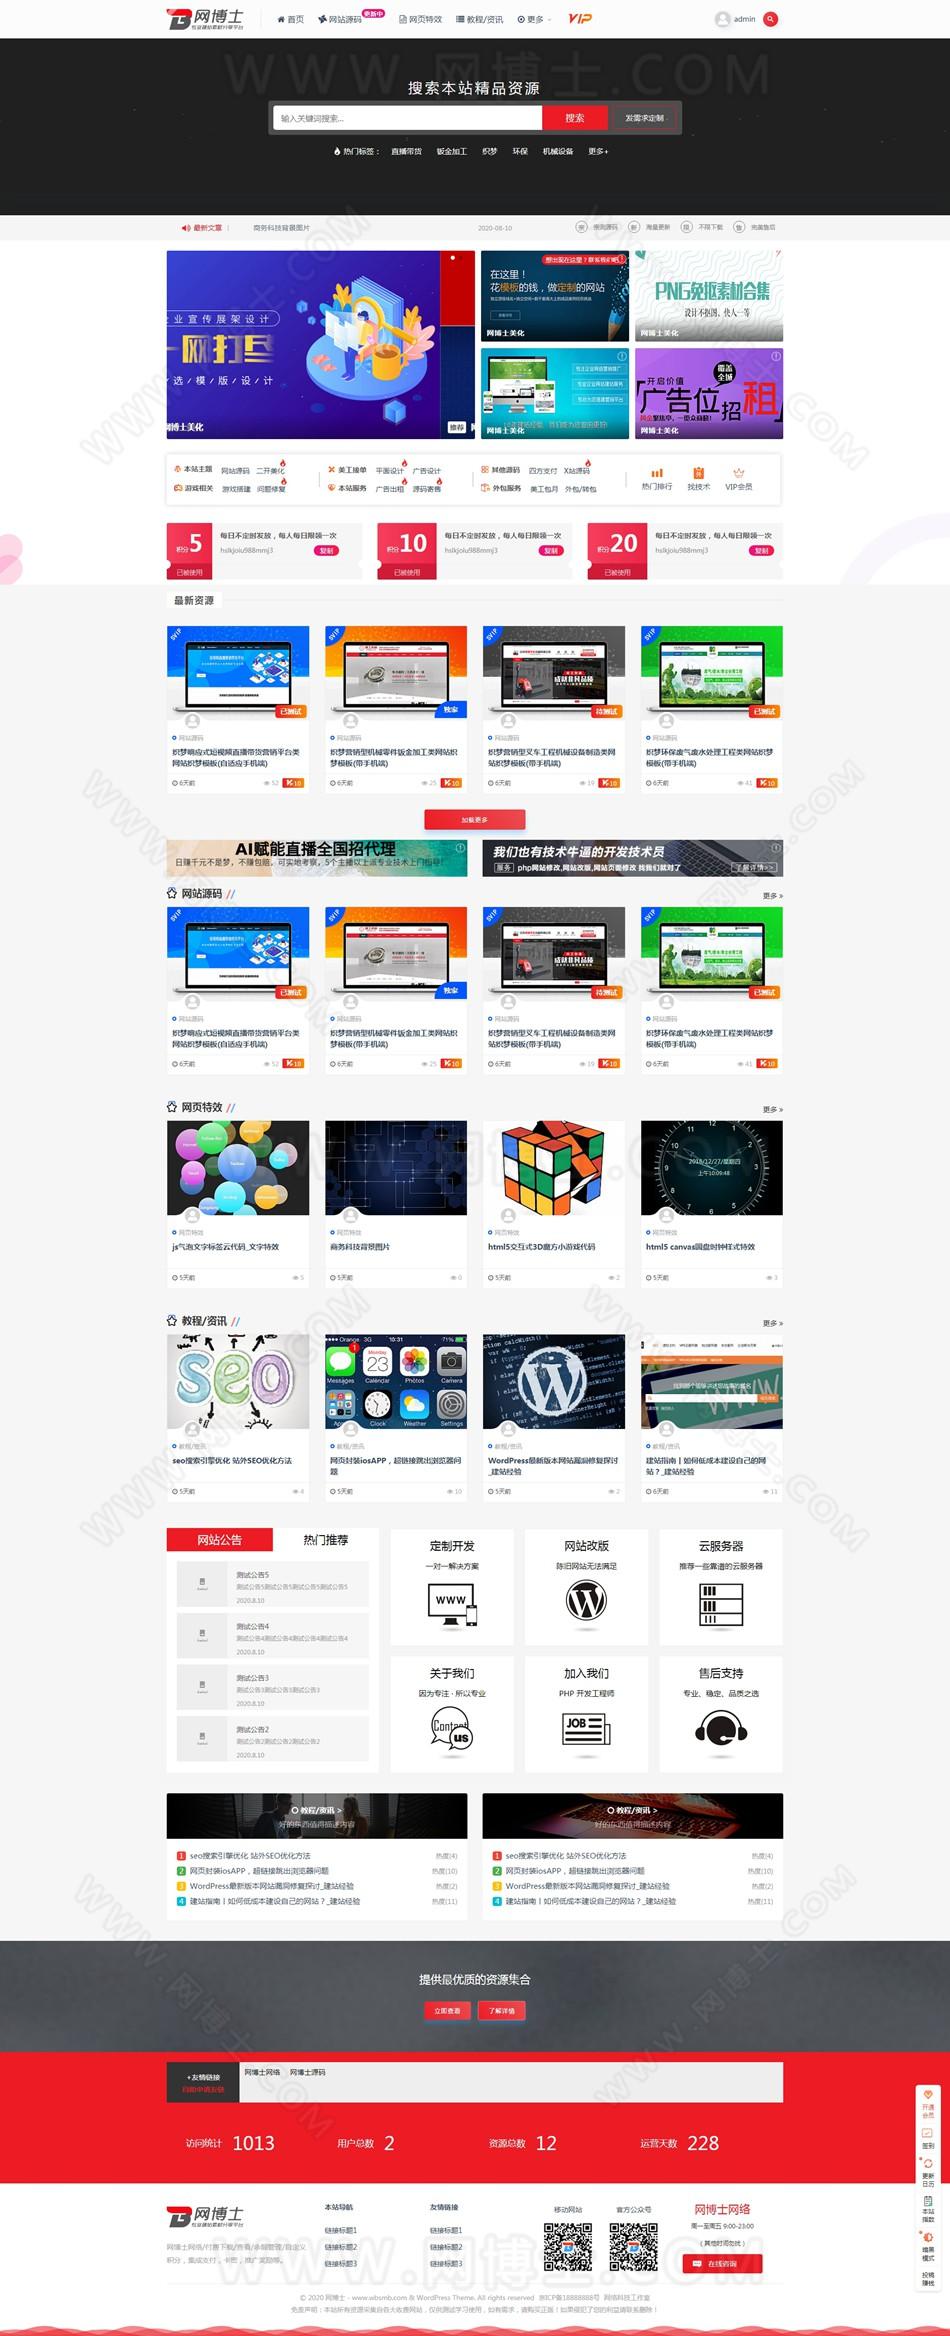 WordPress主题 二开设计美化 适用于虚拟资源分享下载平台